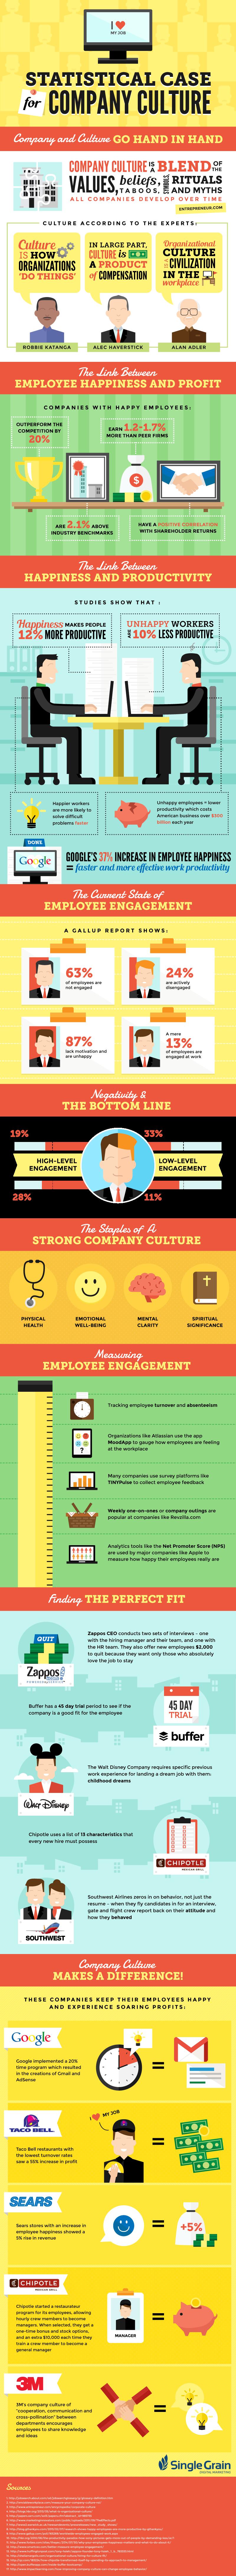 company culture statistics